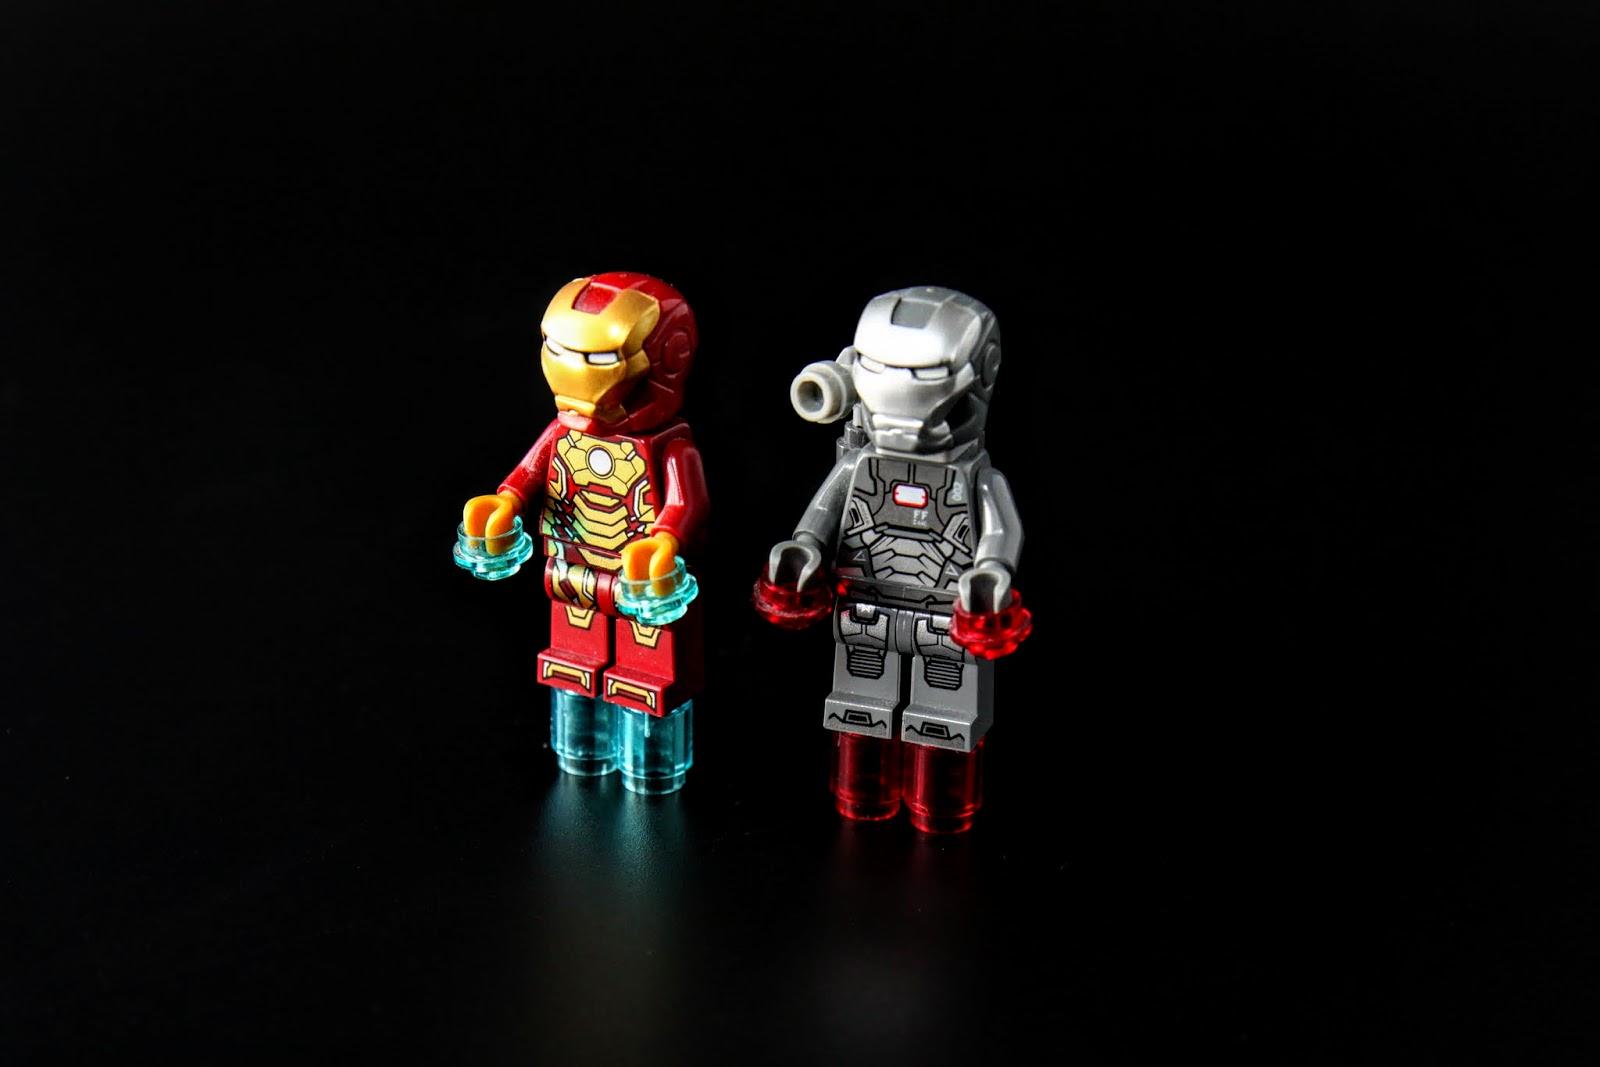 鋼鐵兄弟在後期起直追~LEGO的推進火焰就是透明零件